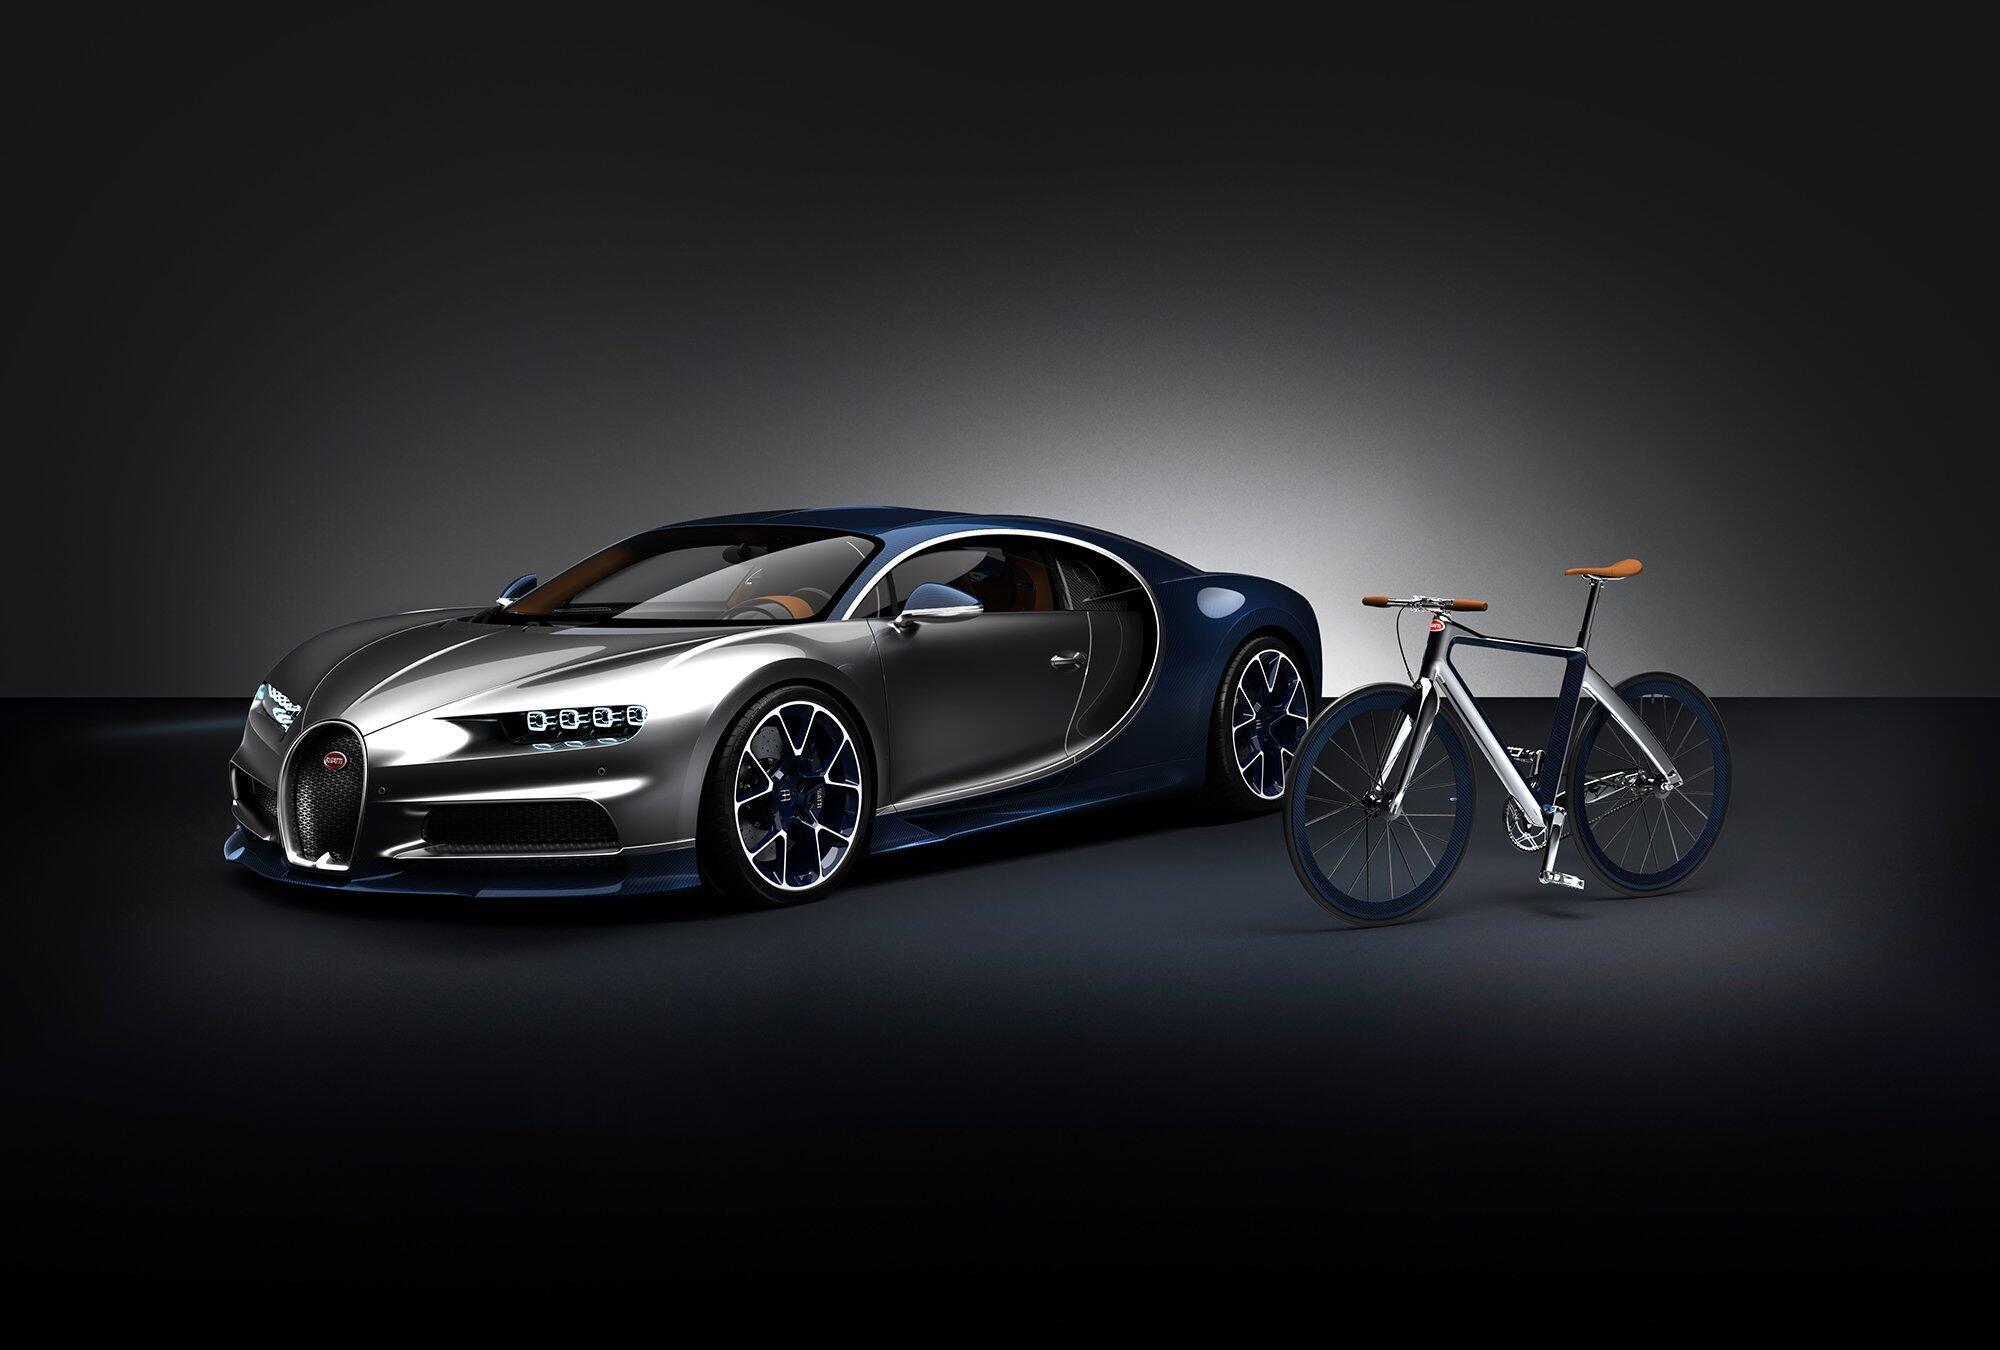 Süper markaların bisikletleri 4 tekeri 3 milyon dolar 2 tekeri